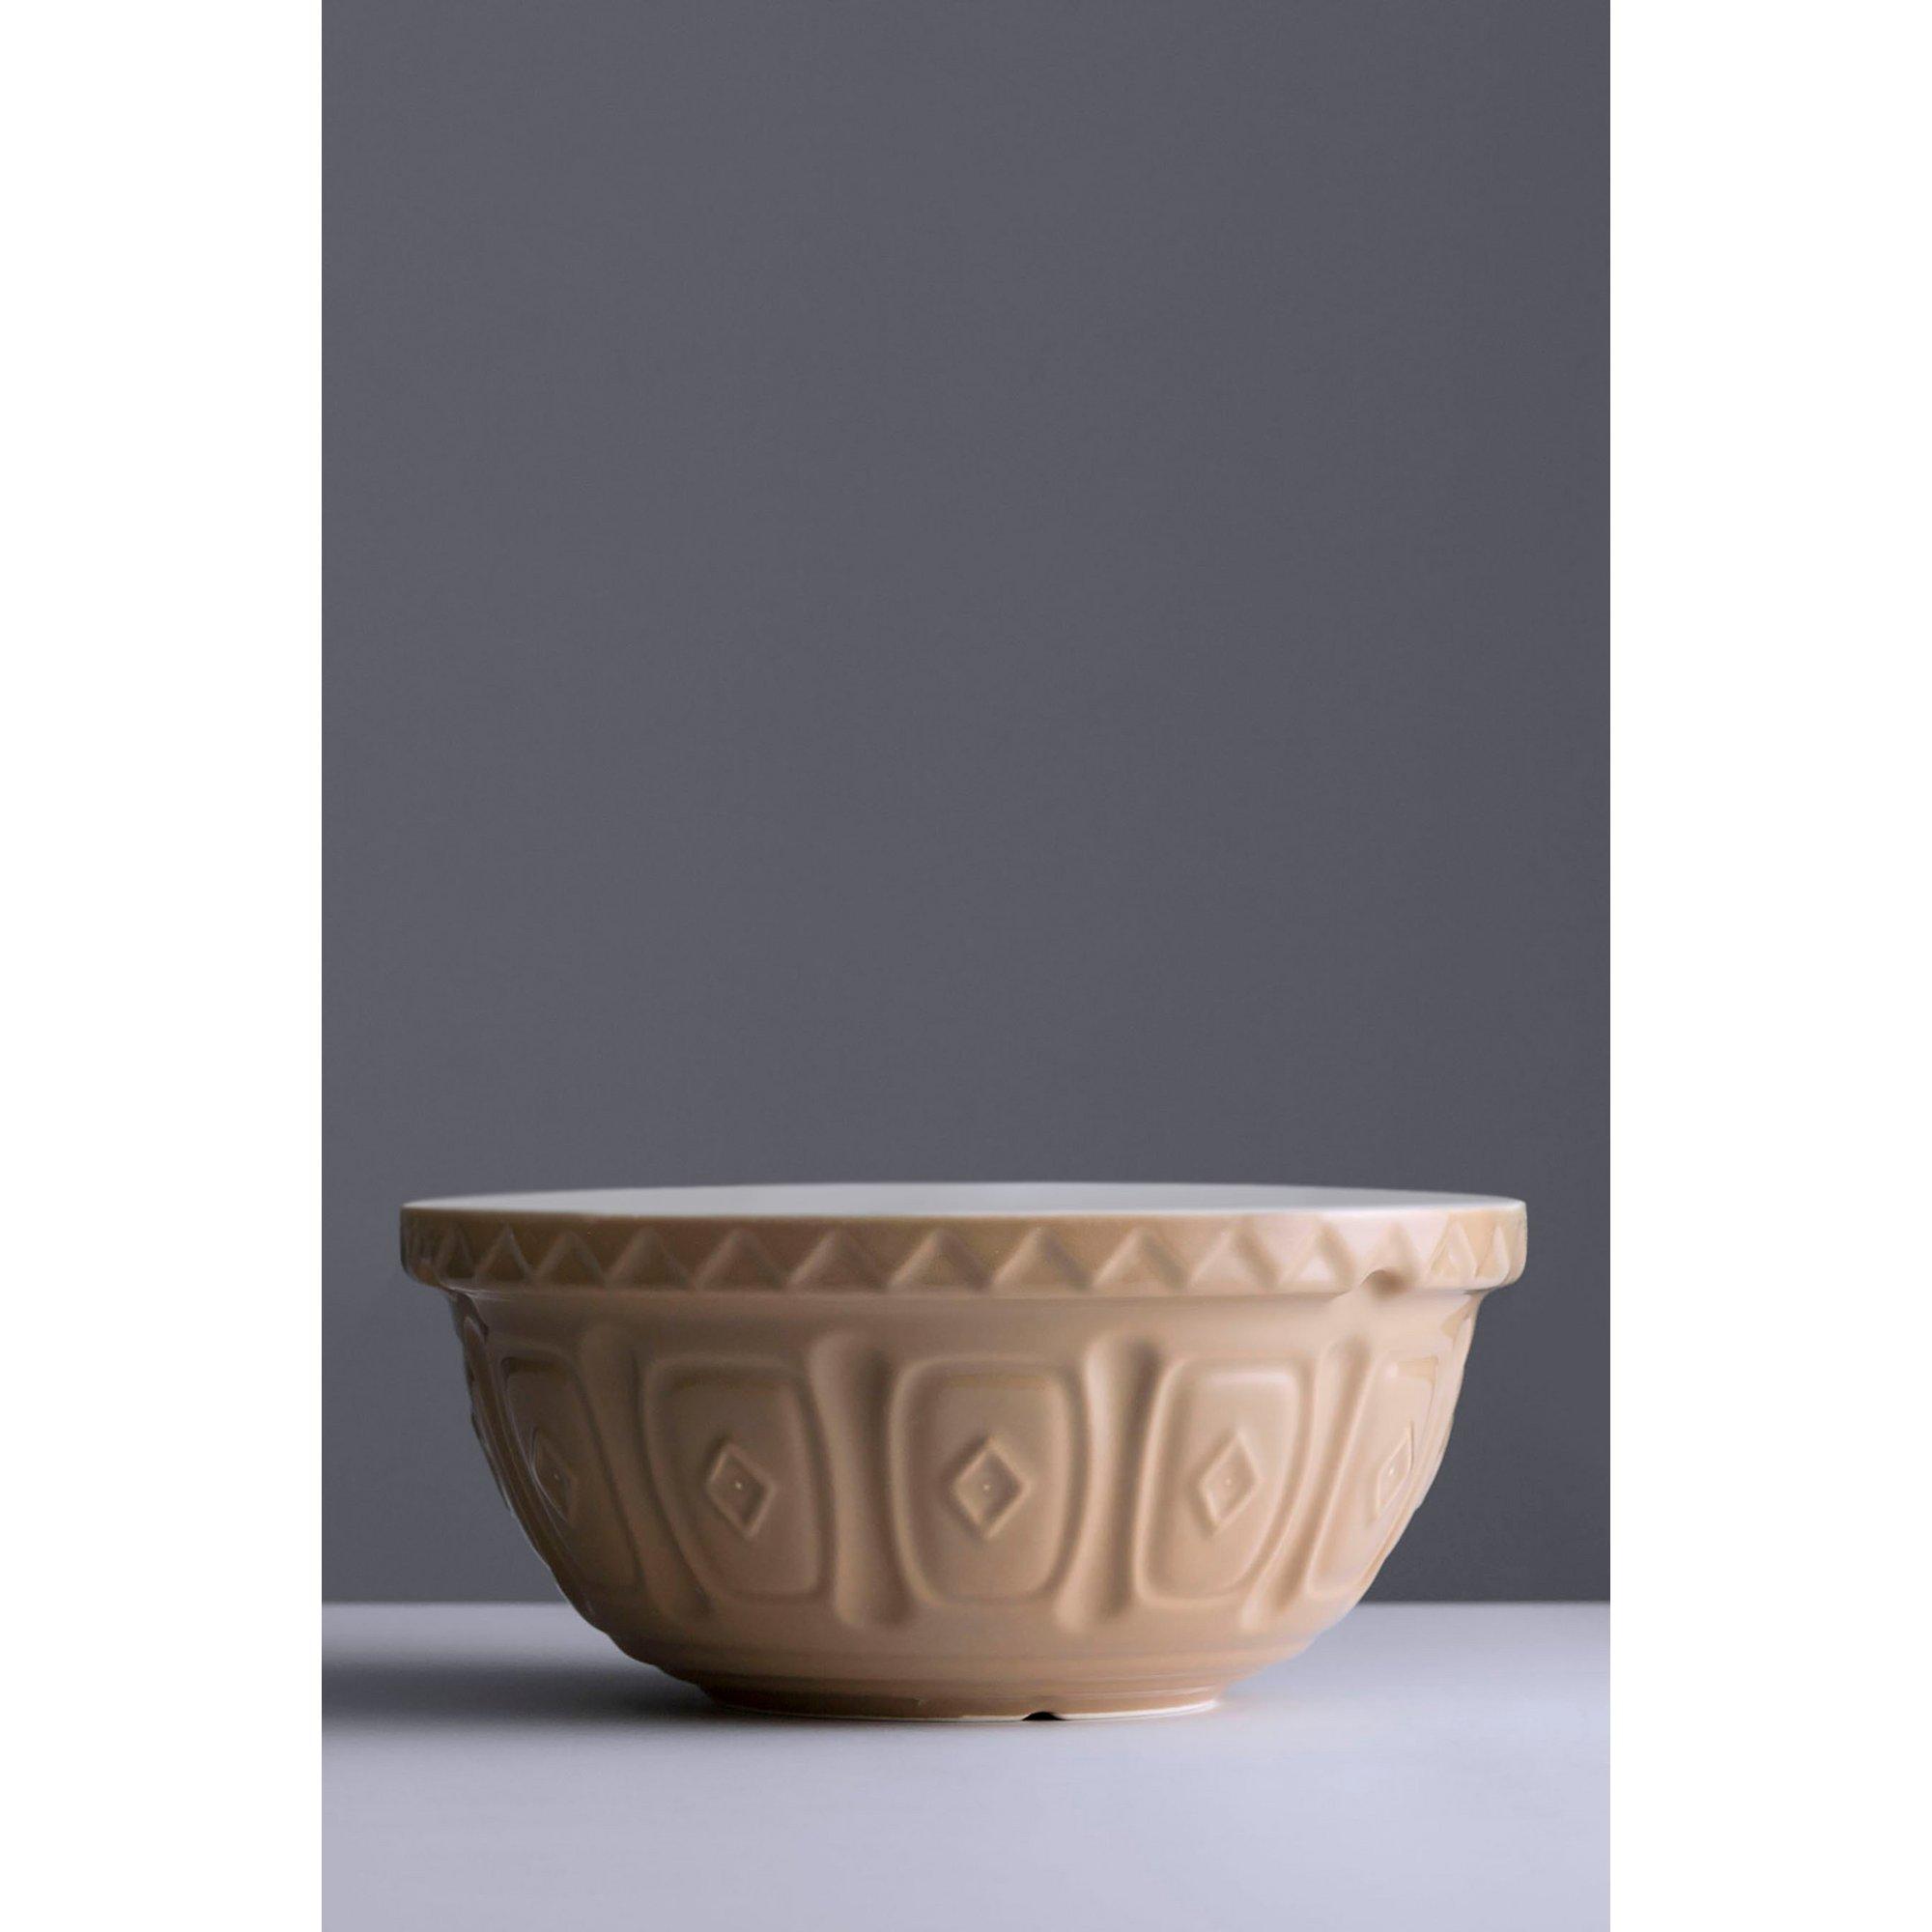 Image of Mason Cash 29cm Cane Mixing Bowl